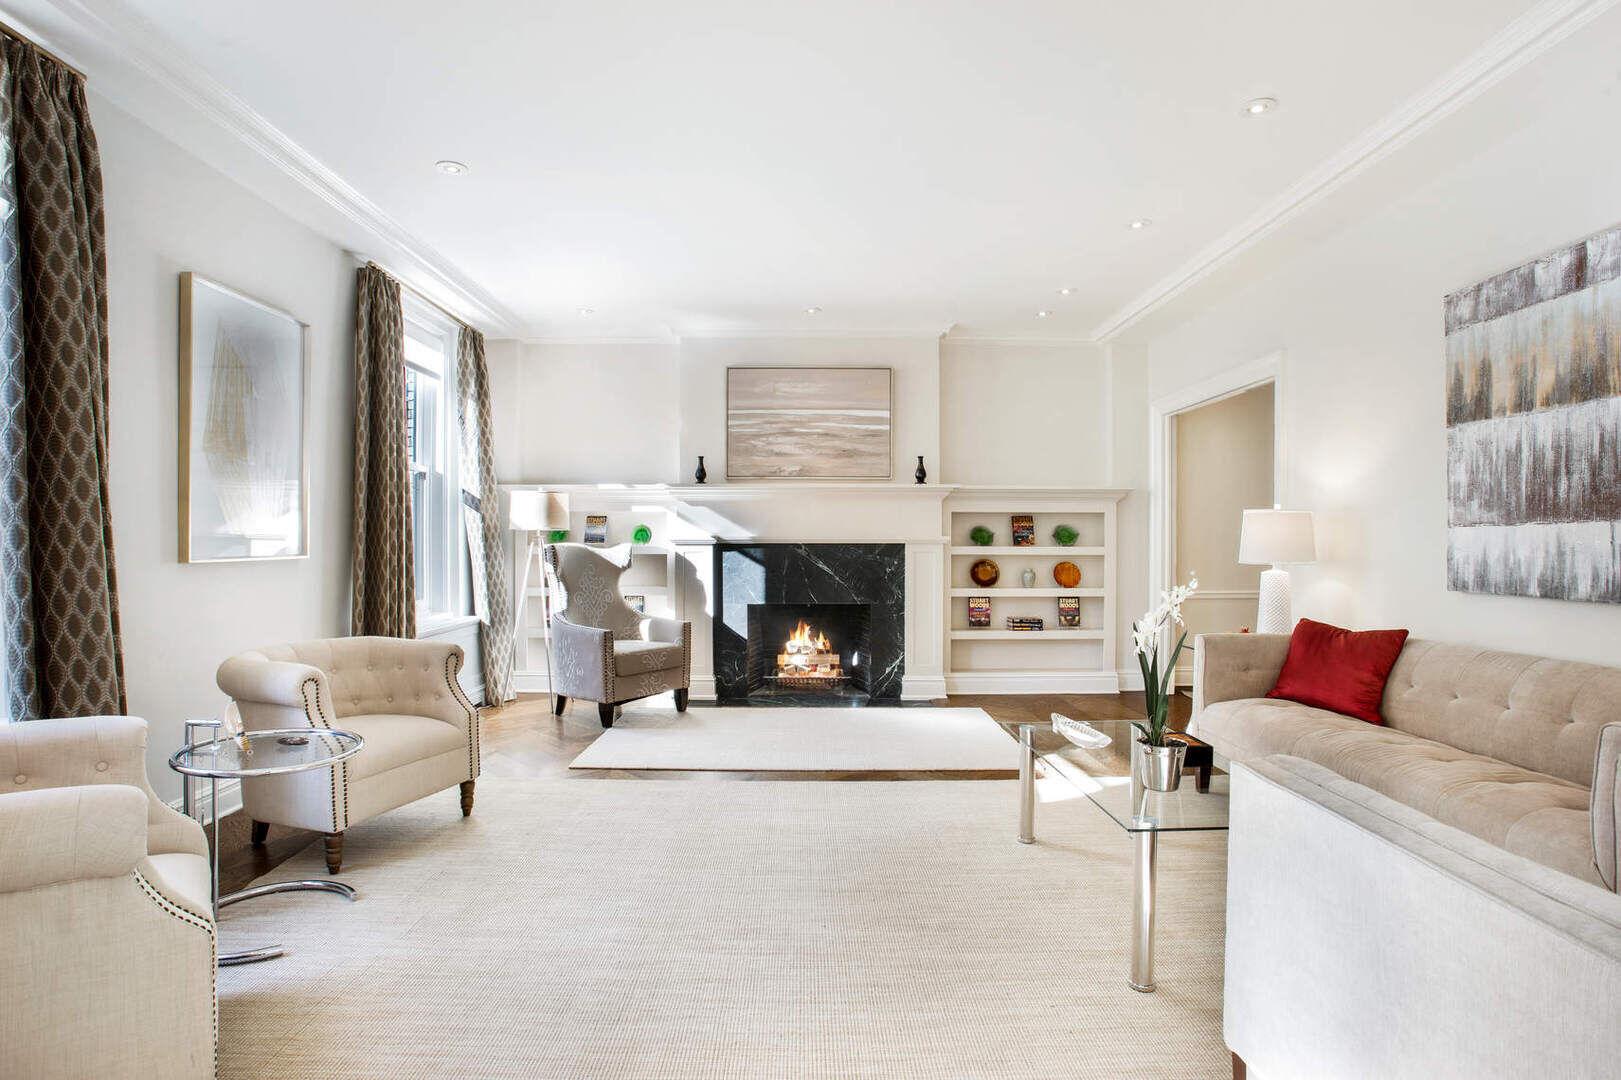 Apartment for sale at 570 Park Avenue, Apt 9-D